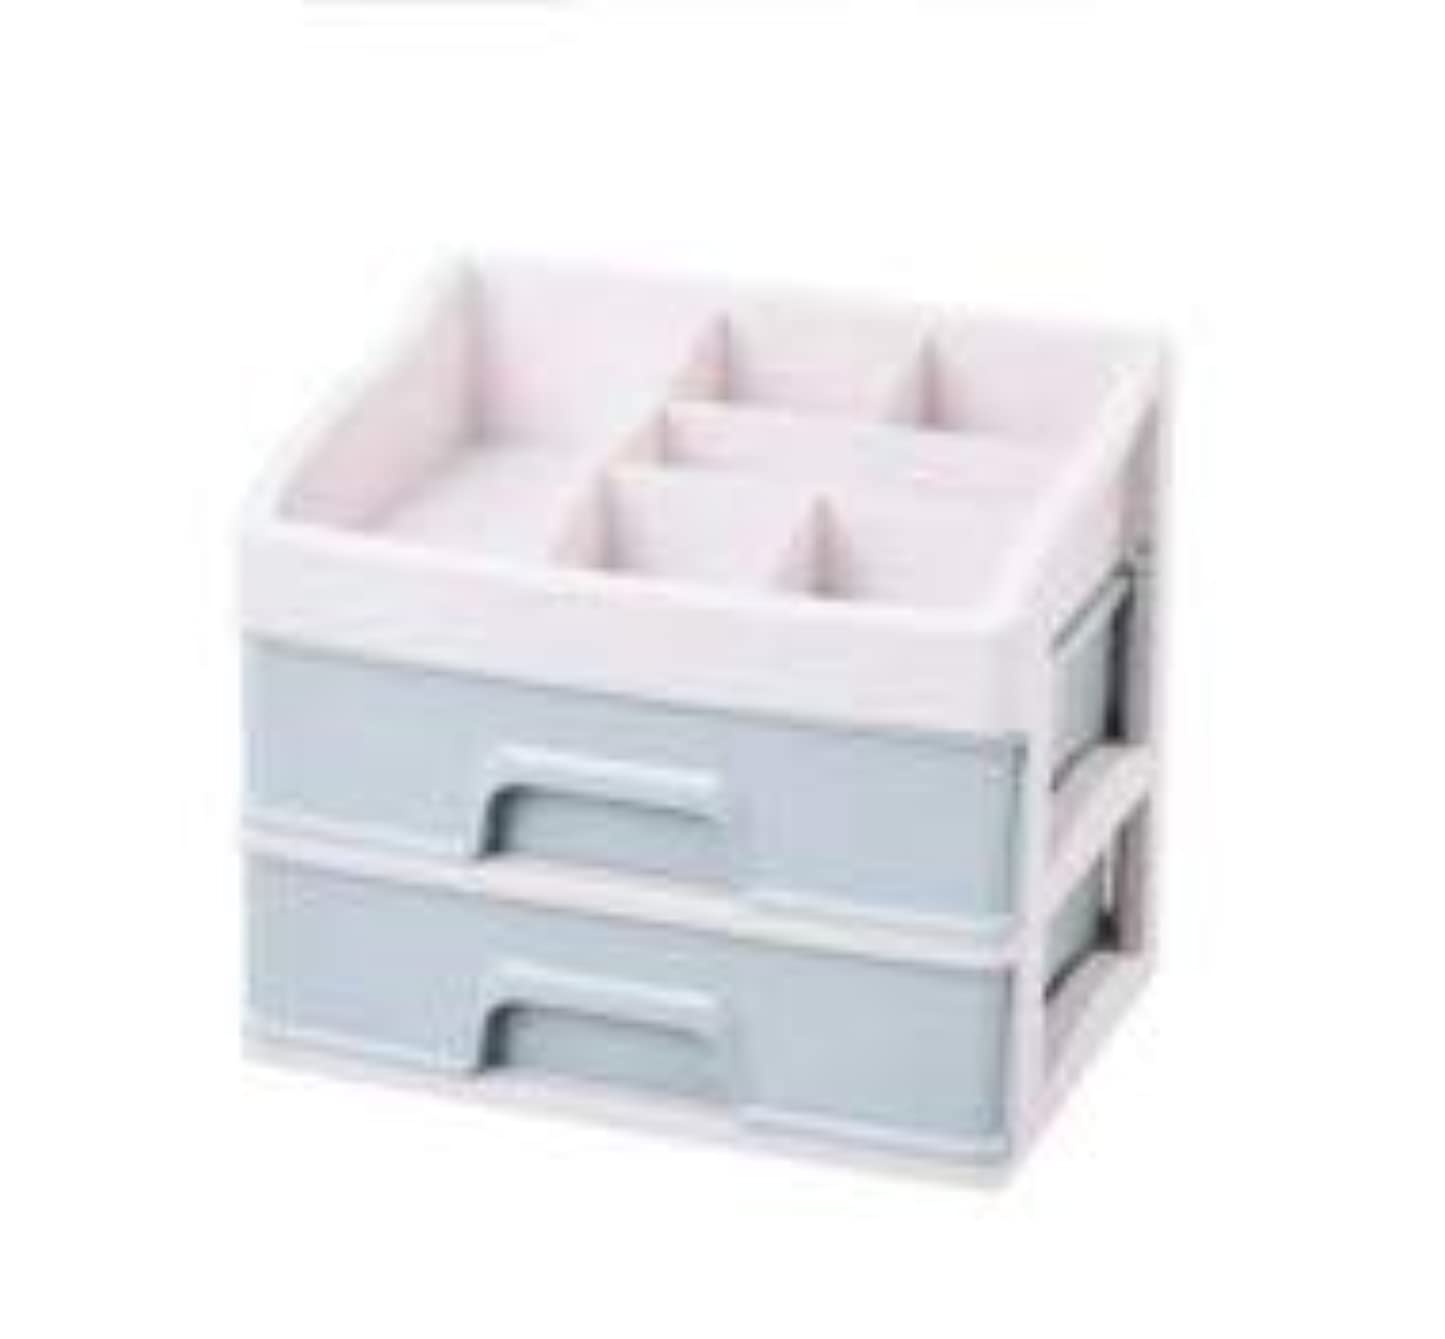 とは異なり彫るビート化粧品収納ボックス引き出しデスクトップ収納ラック化粧台化粧品ケーススキンケア製品 (Size : M)